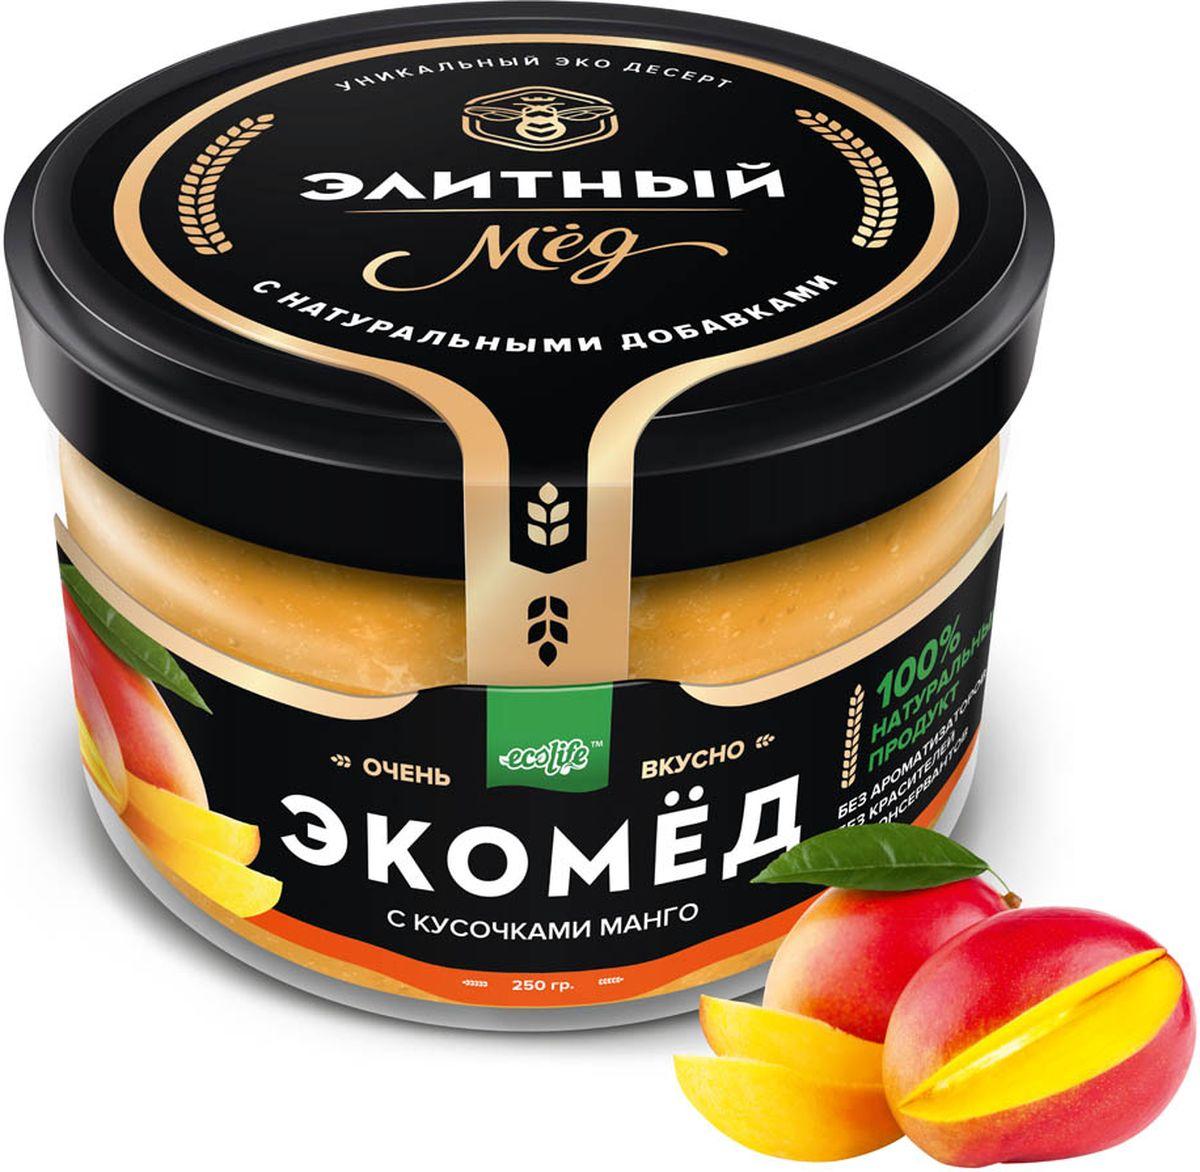 Фото Ecolife Экомед с манго, 250 г. Купить  в РФ